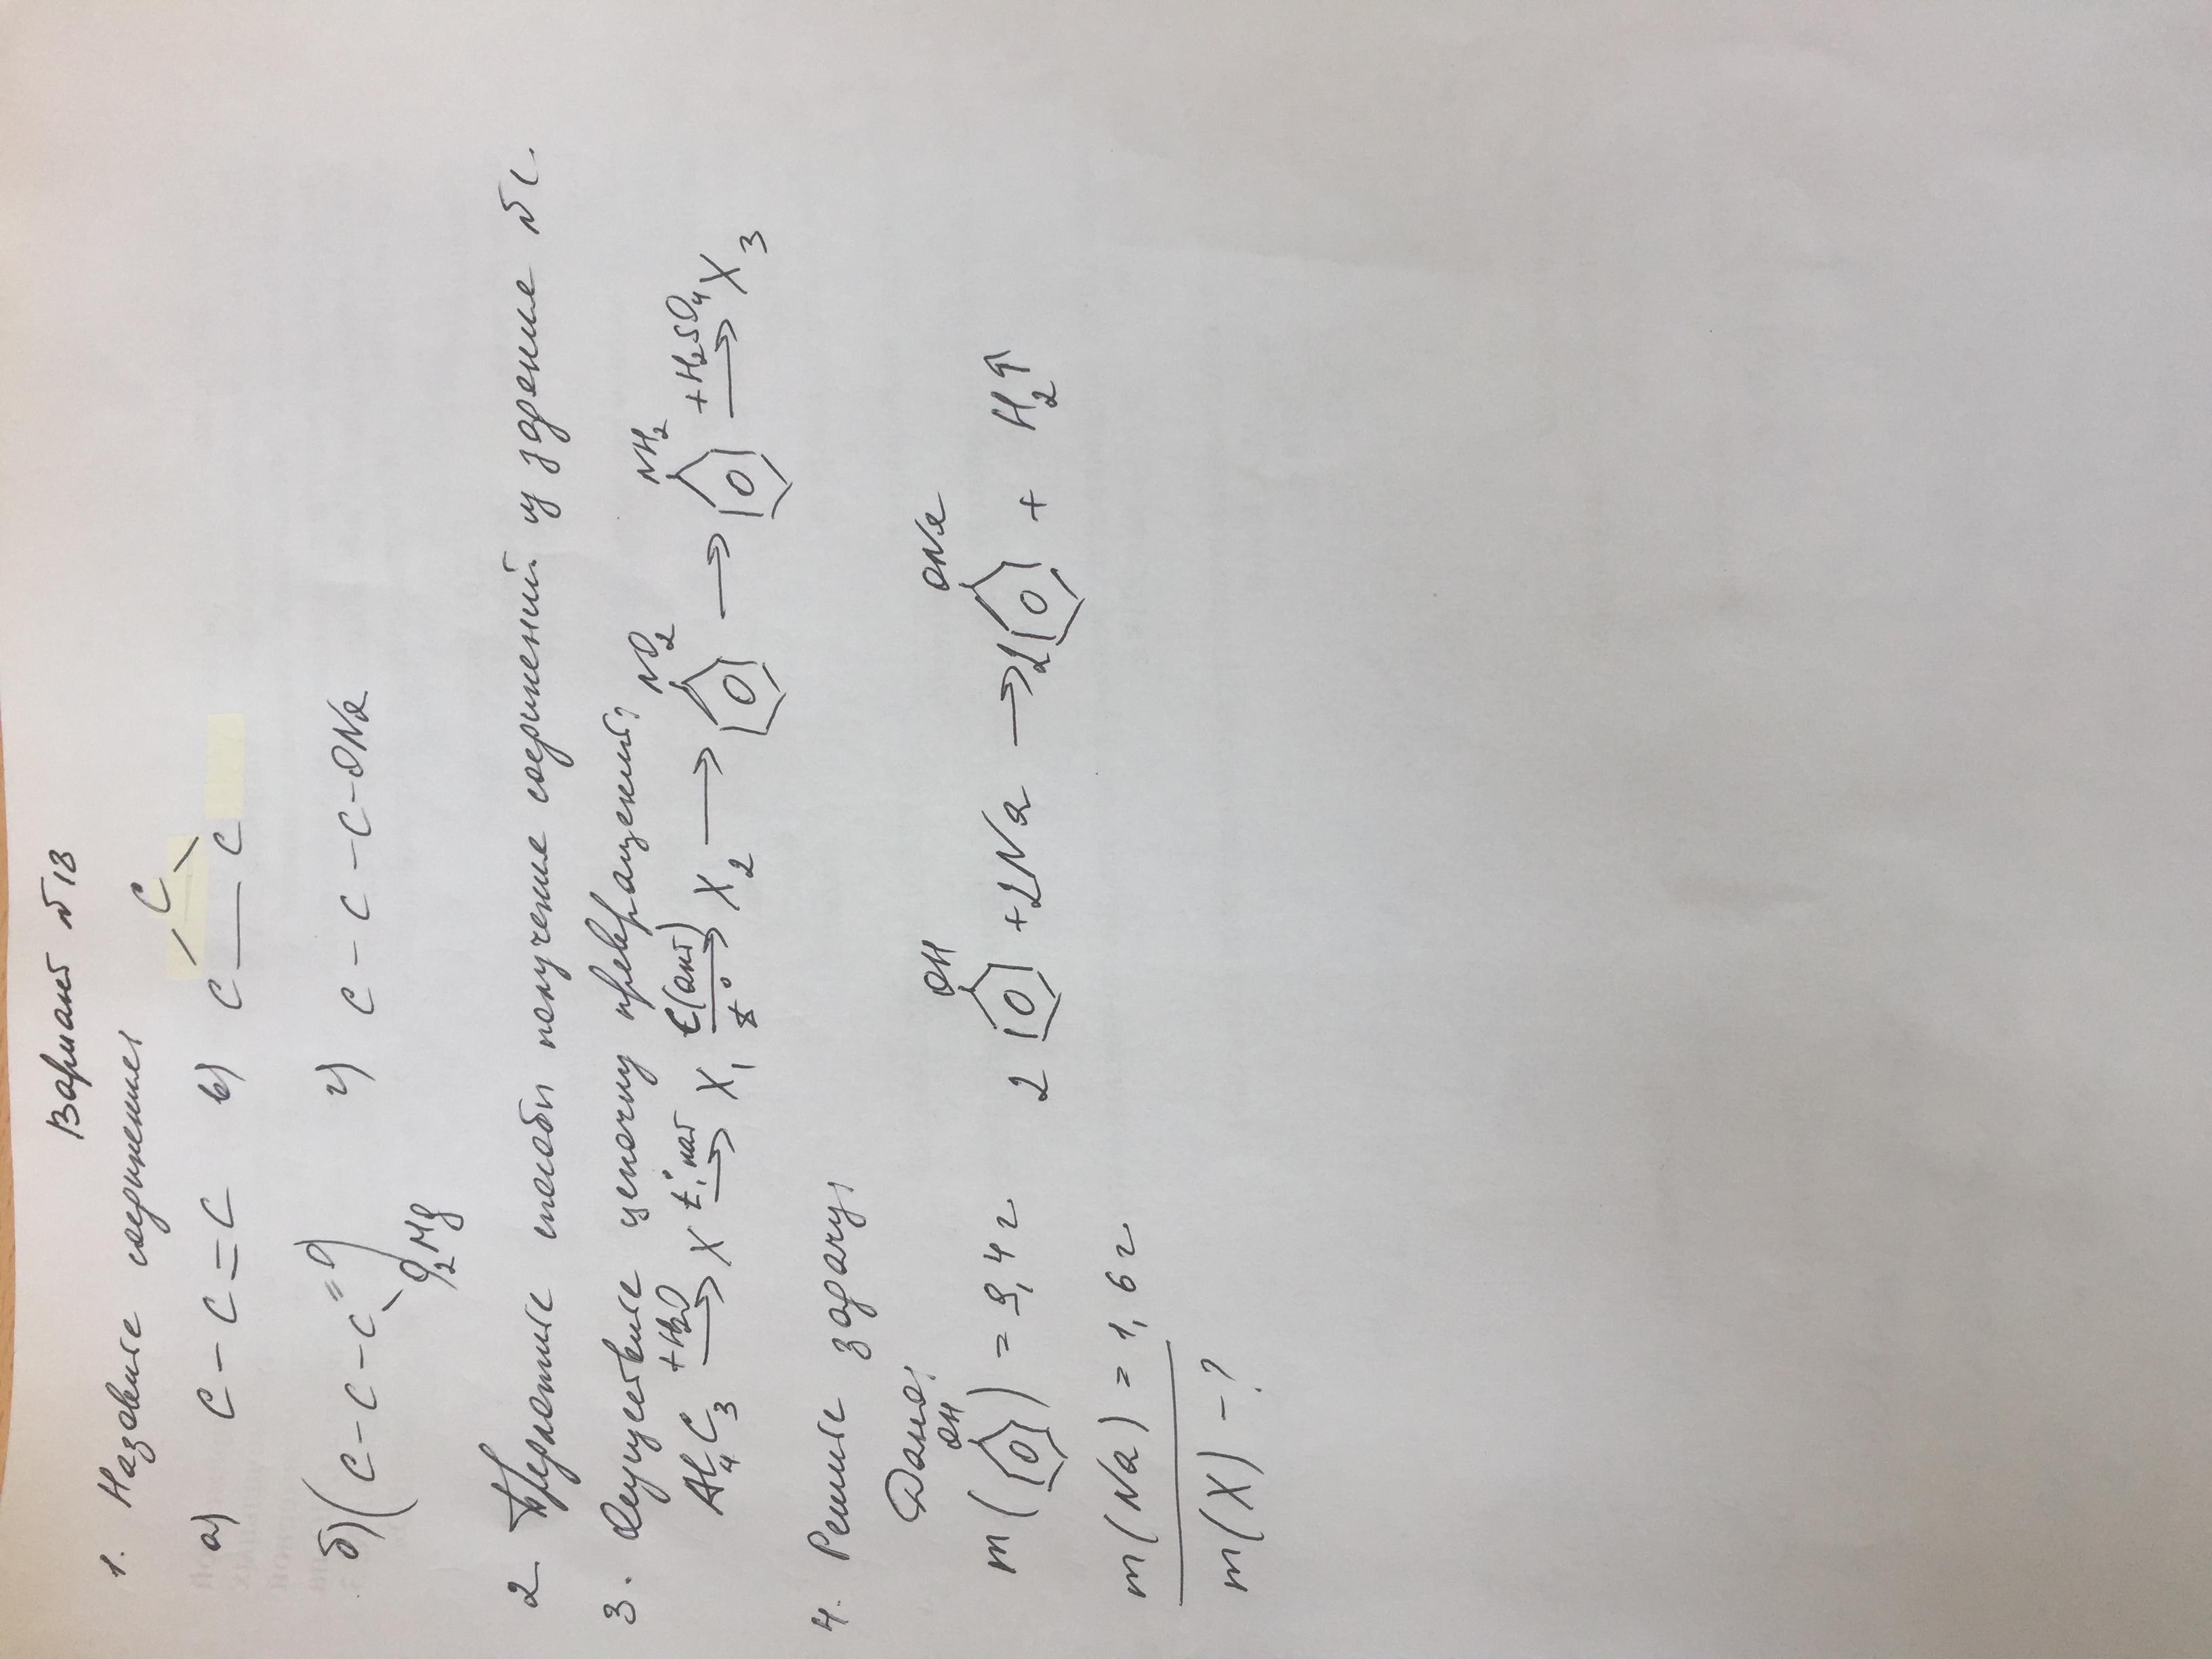 Химия. Помогите, пожалуйста. Срочно.